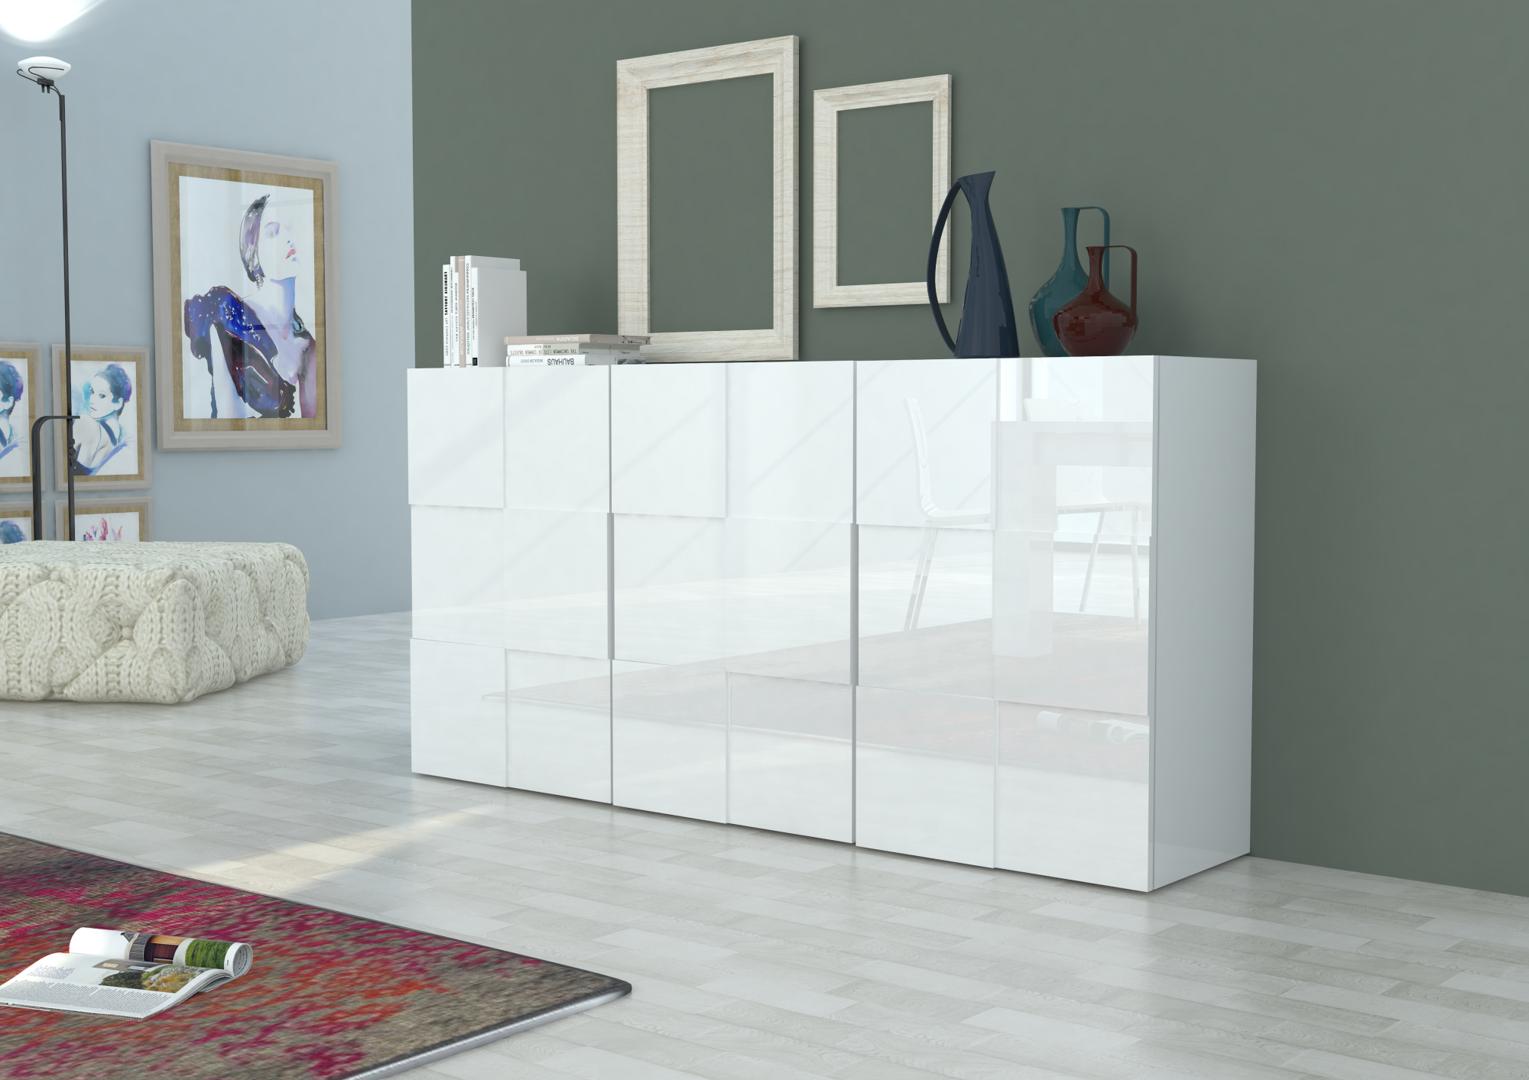 madia moderna bianca o antracite canada mobile soggiorno